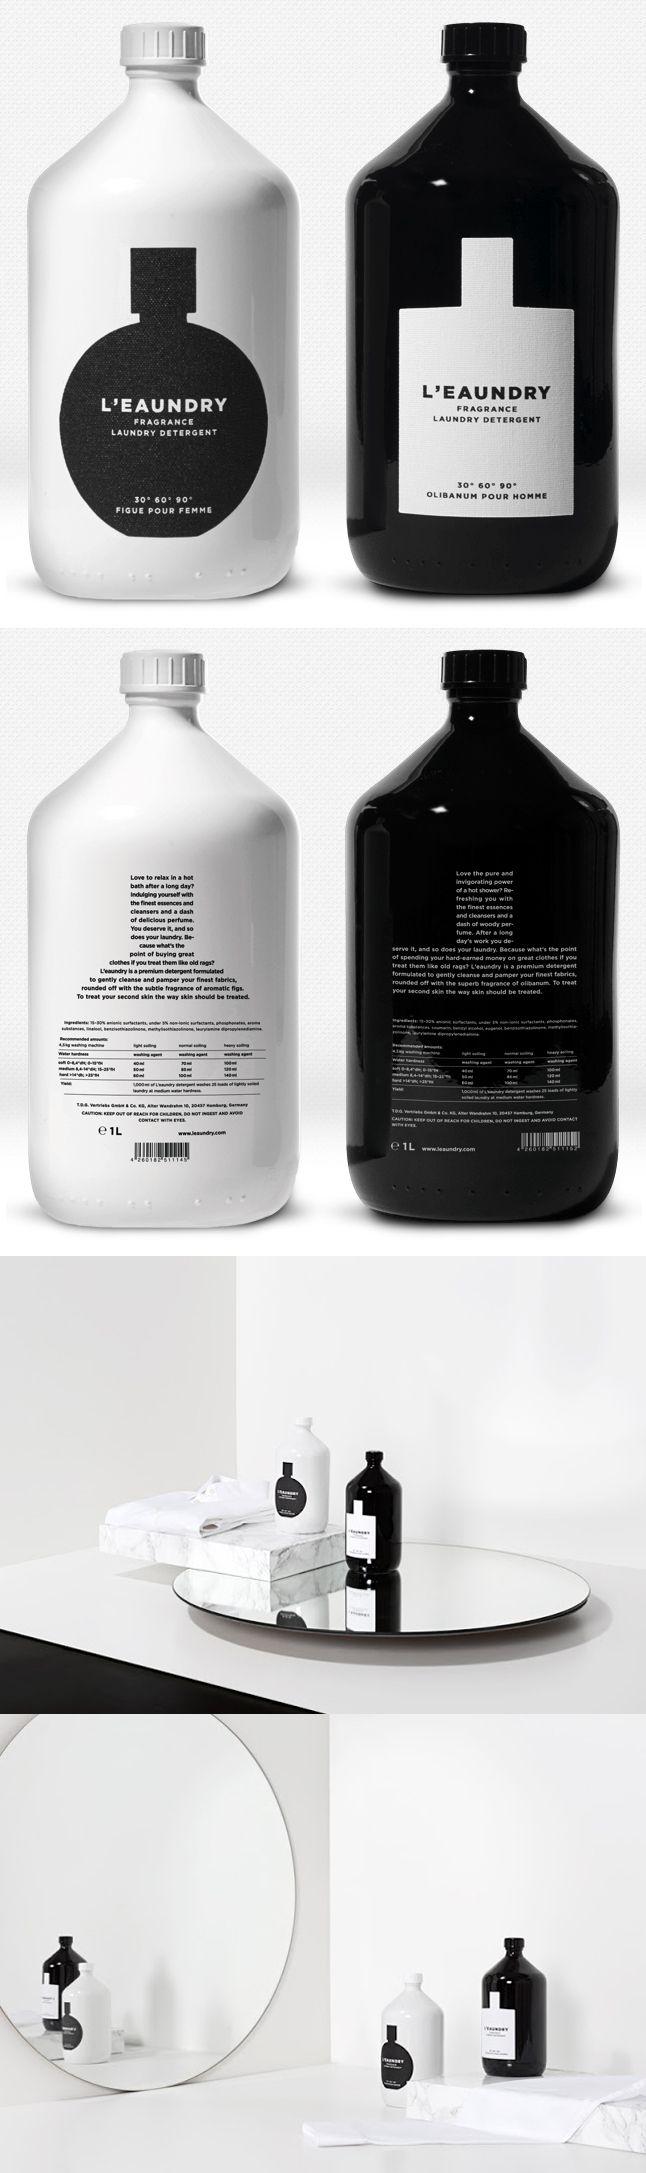 Laundry with style Förpackad -Blogg om Förpackningsdesign, Förpackningar, Grafisk Design - CAP&Design